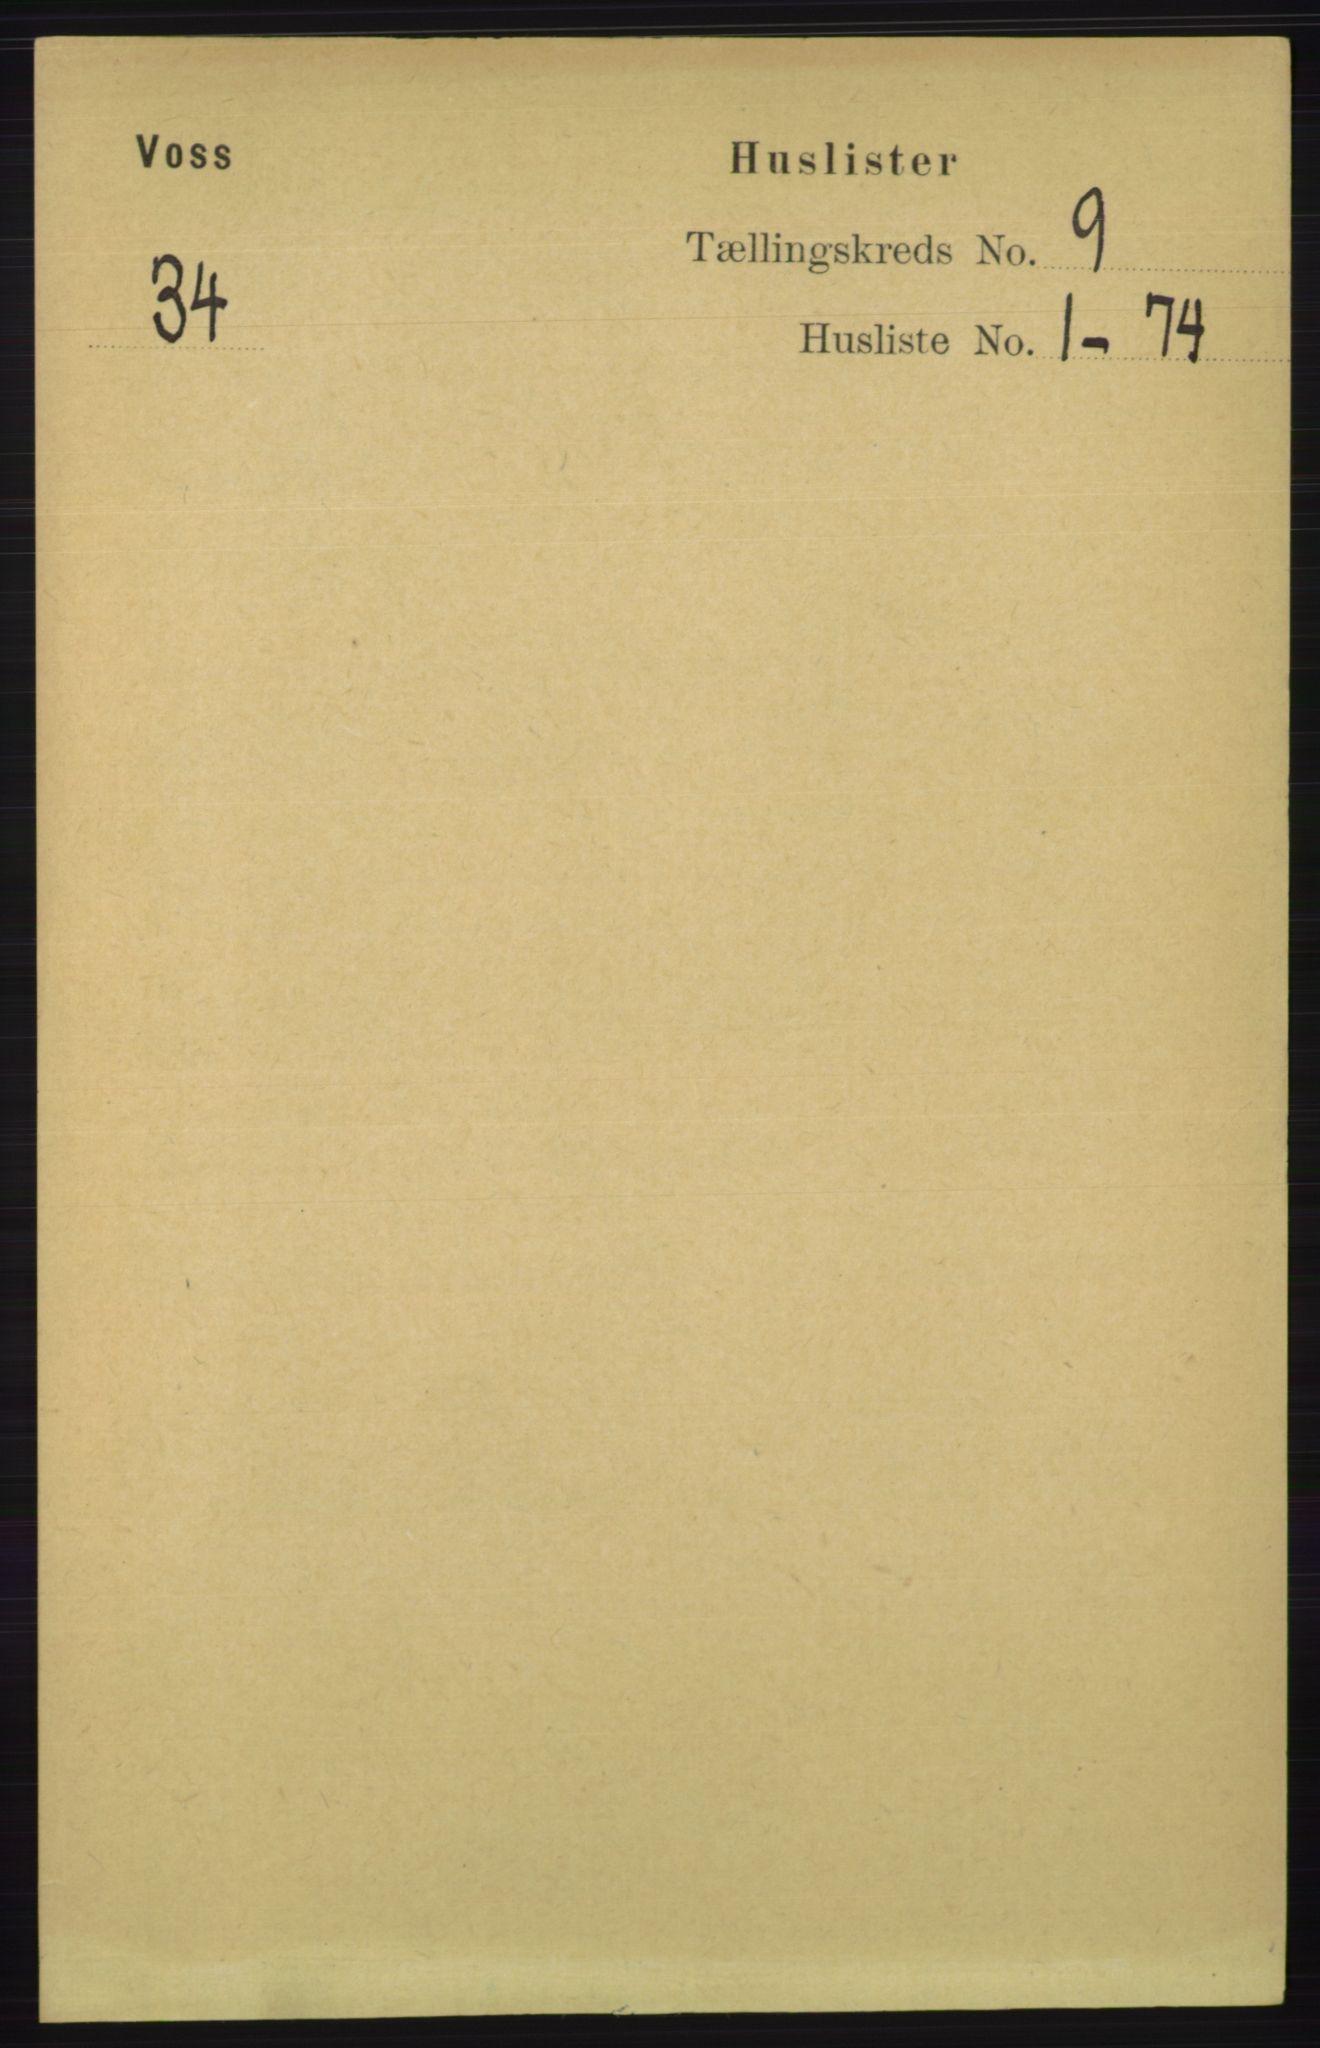 RA, Folketelling 1891 for 1235 Voss herred, 1891, s. 4643